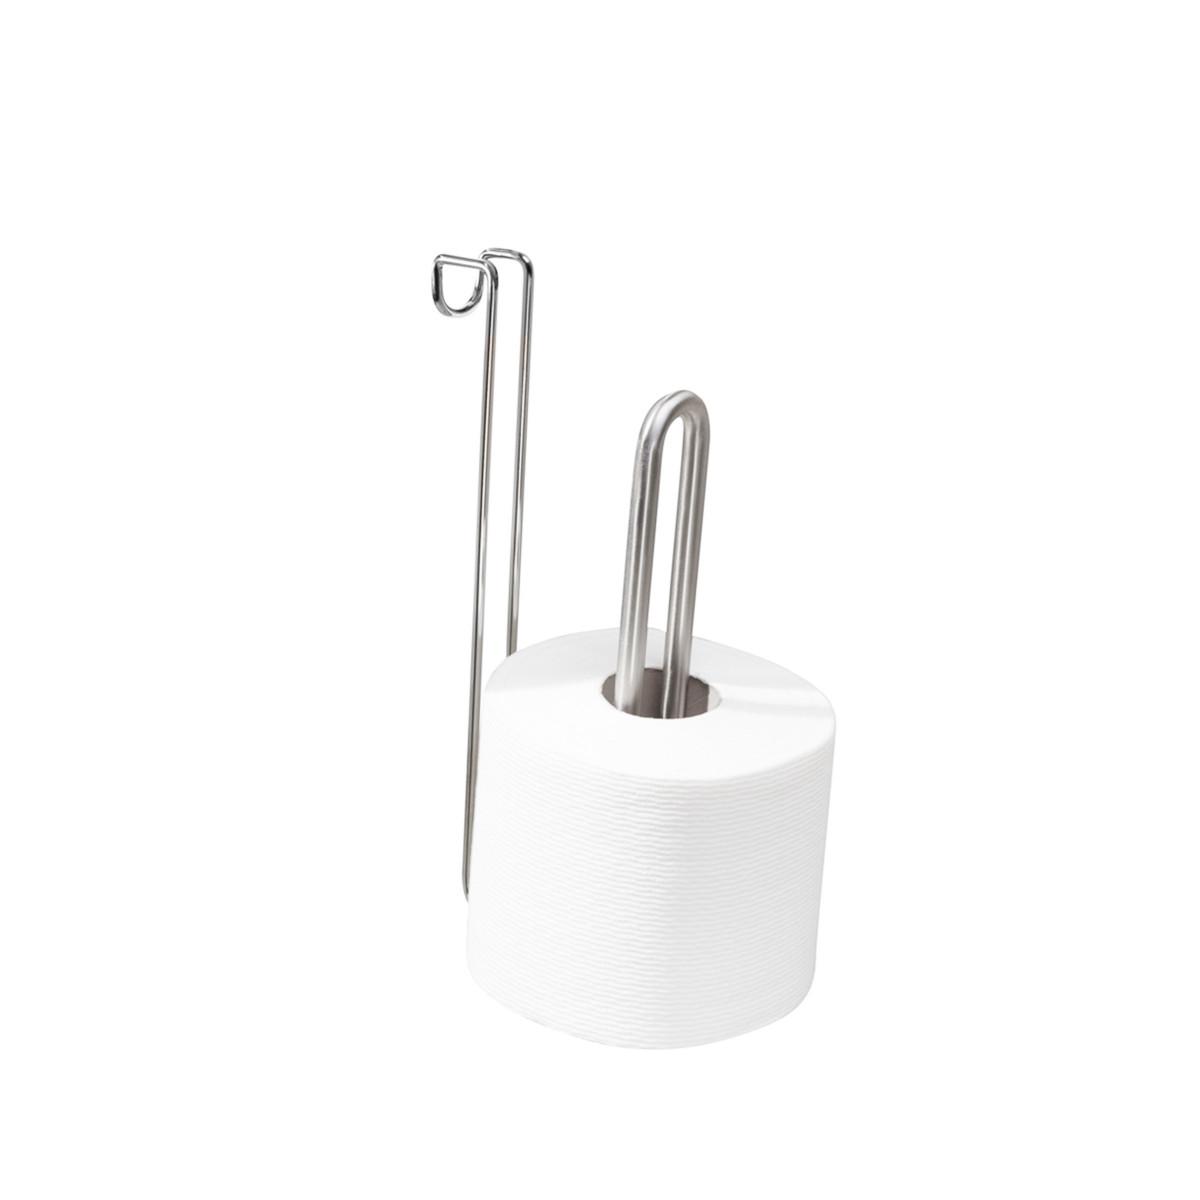 R servoir de papier toilette suspendre 2 rouleaux - Rouleaux de papier toilette ...